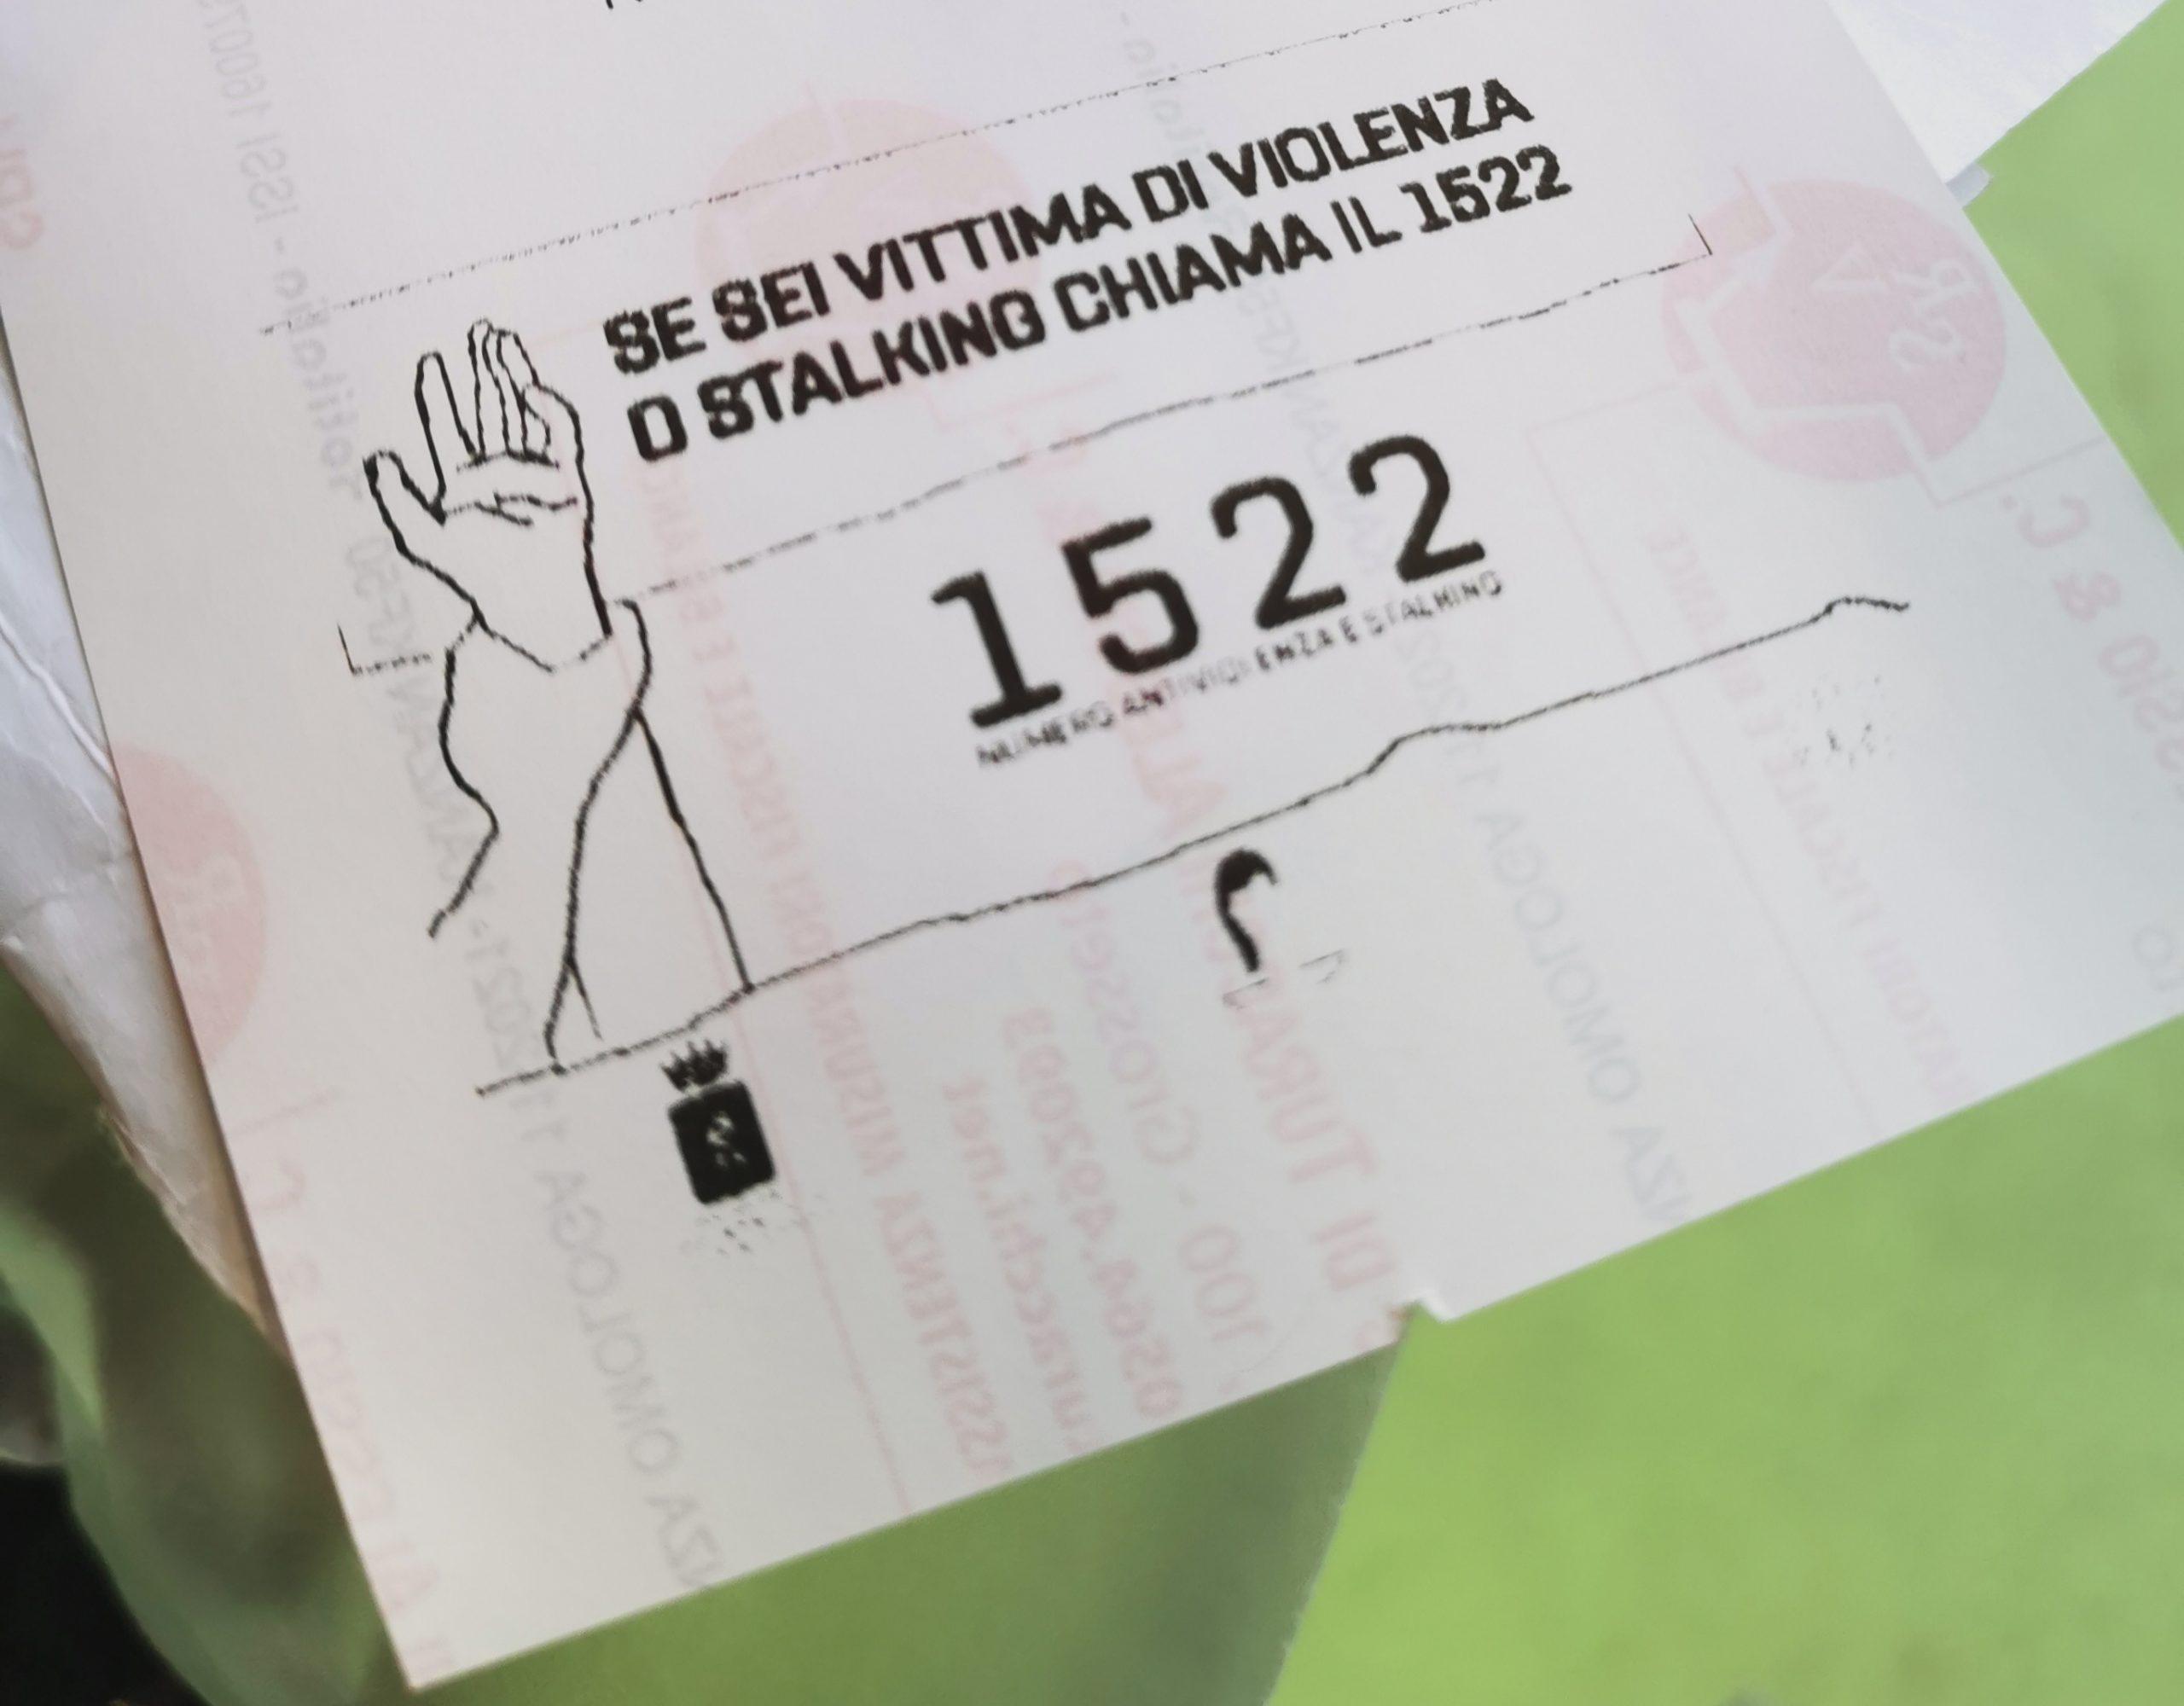 grosseto-numero-anti-violenza-sullo-scontrino-delle-farmacie-comunal